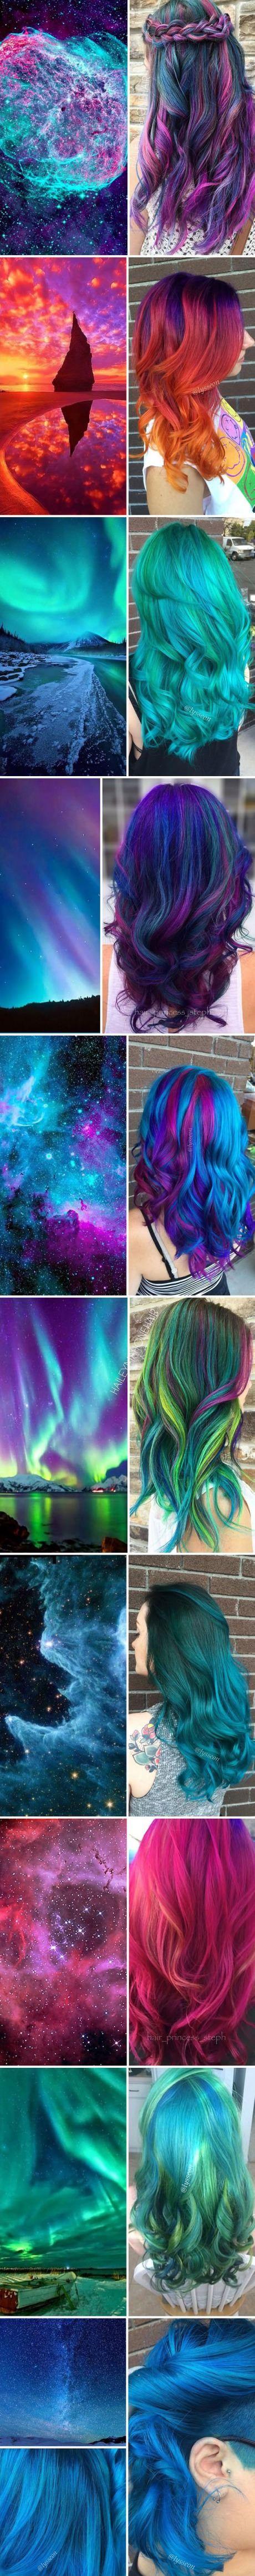 Galaxy hair unicorn hair goals pinterest galaxy hair hair and